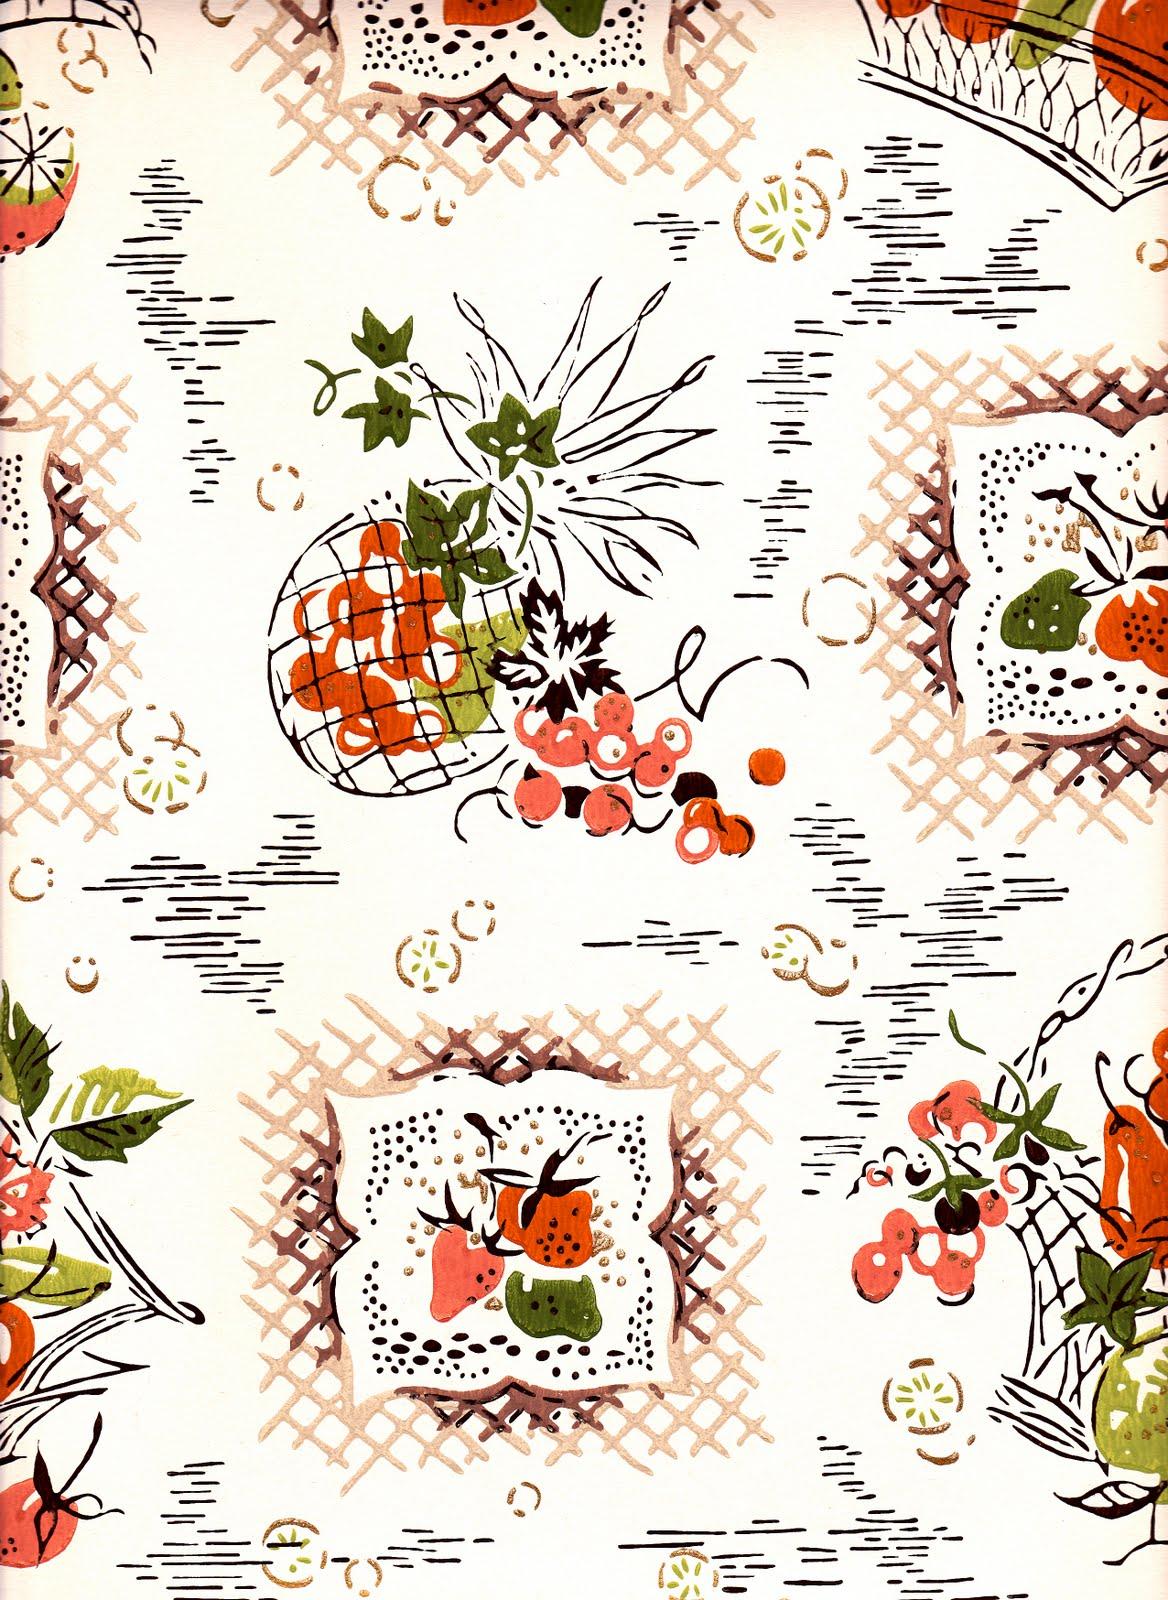 Fruit Wallpaper For Kitchen Fruit for kitchen wallpaper 1168x1600